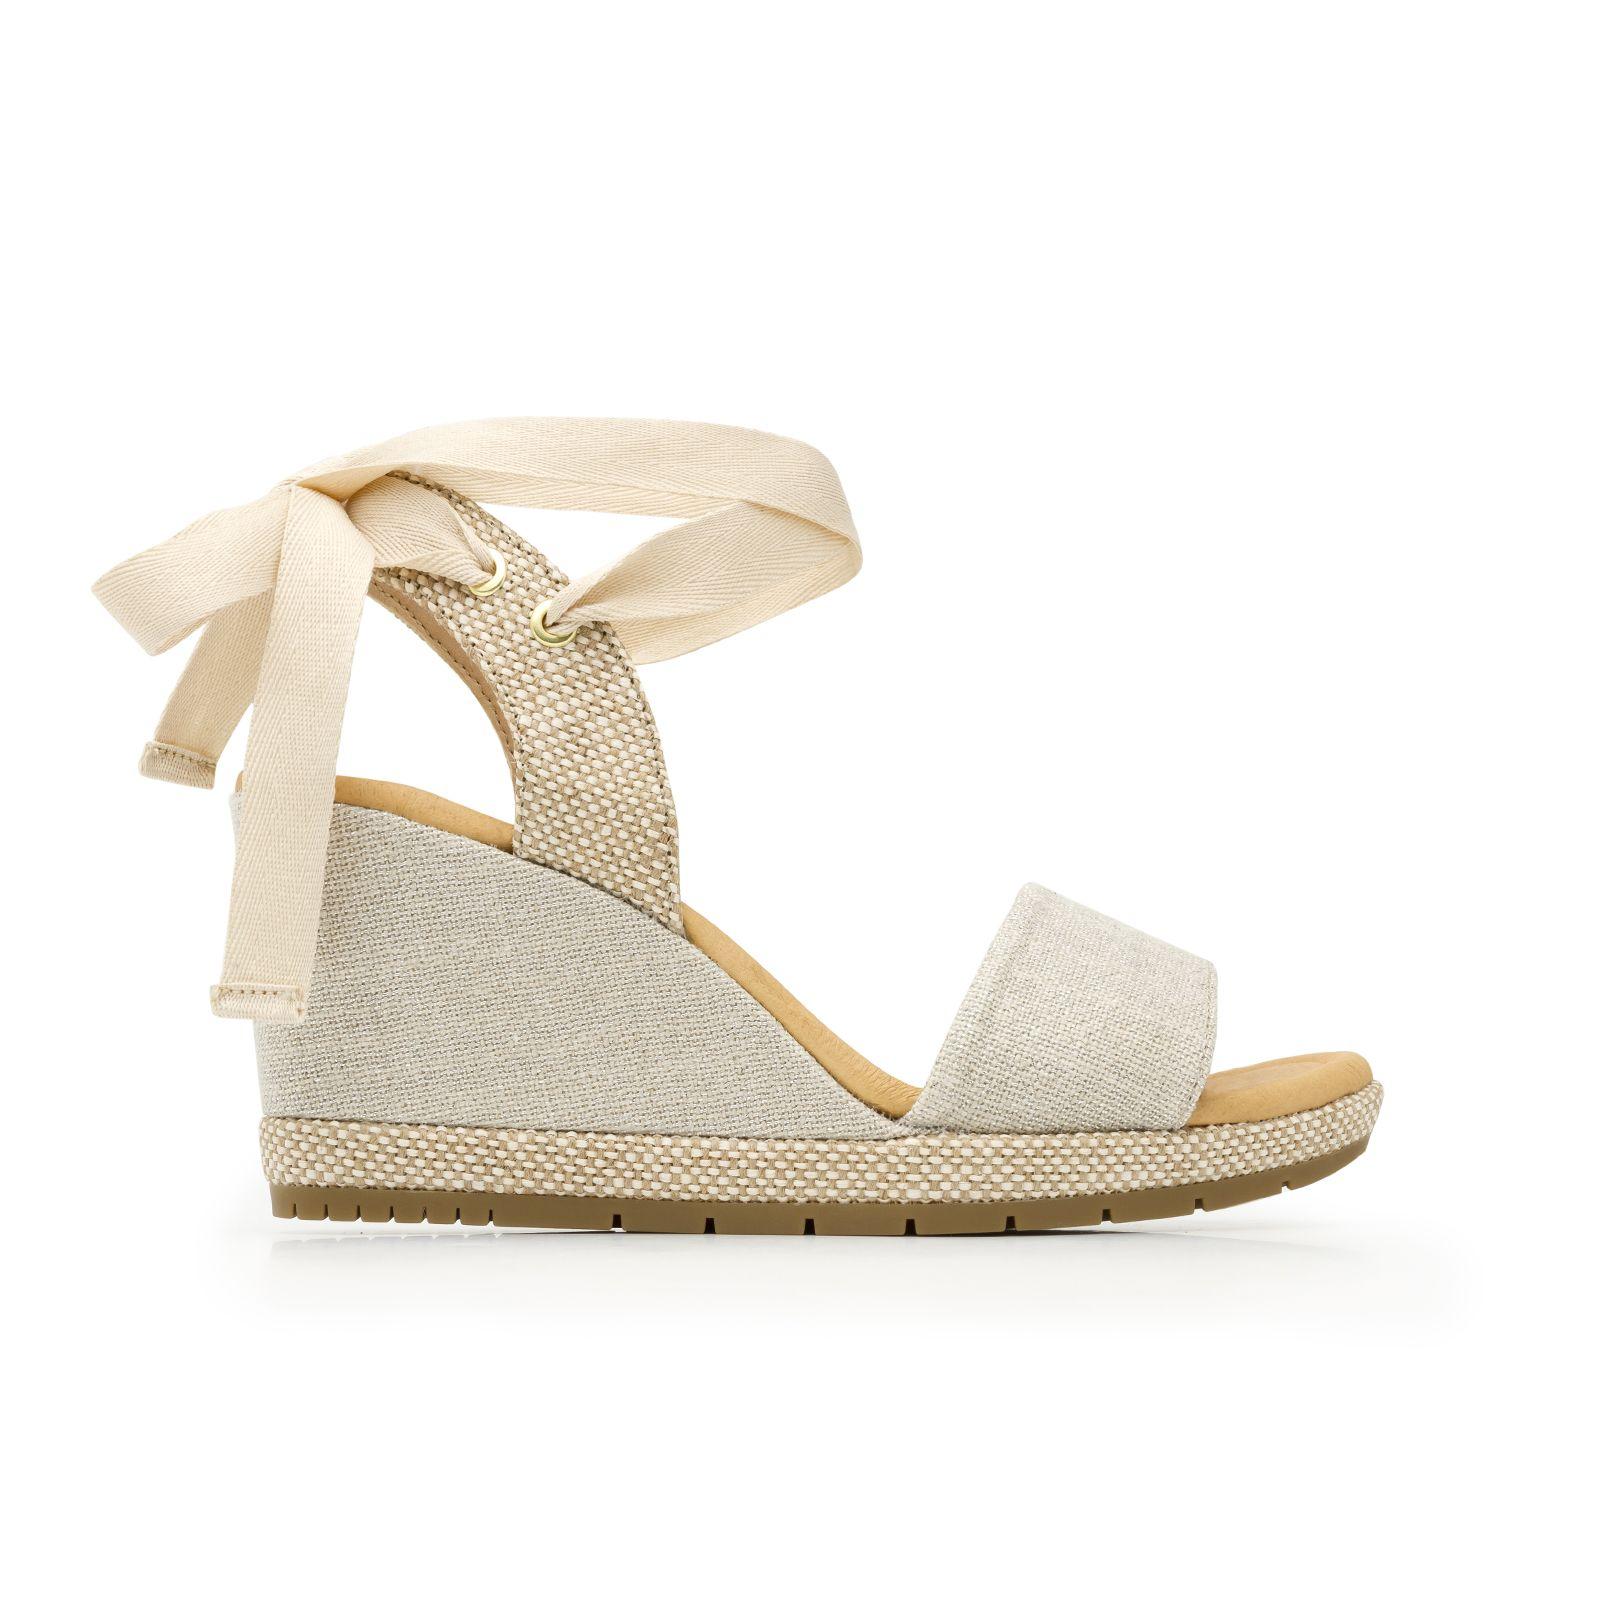 Mujer Zapatos Cuero de Cerdo Primavera verano Tira en el Tobillo Sandalias  Tacón Plano Puntera abierta 92d1a7c7c581